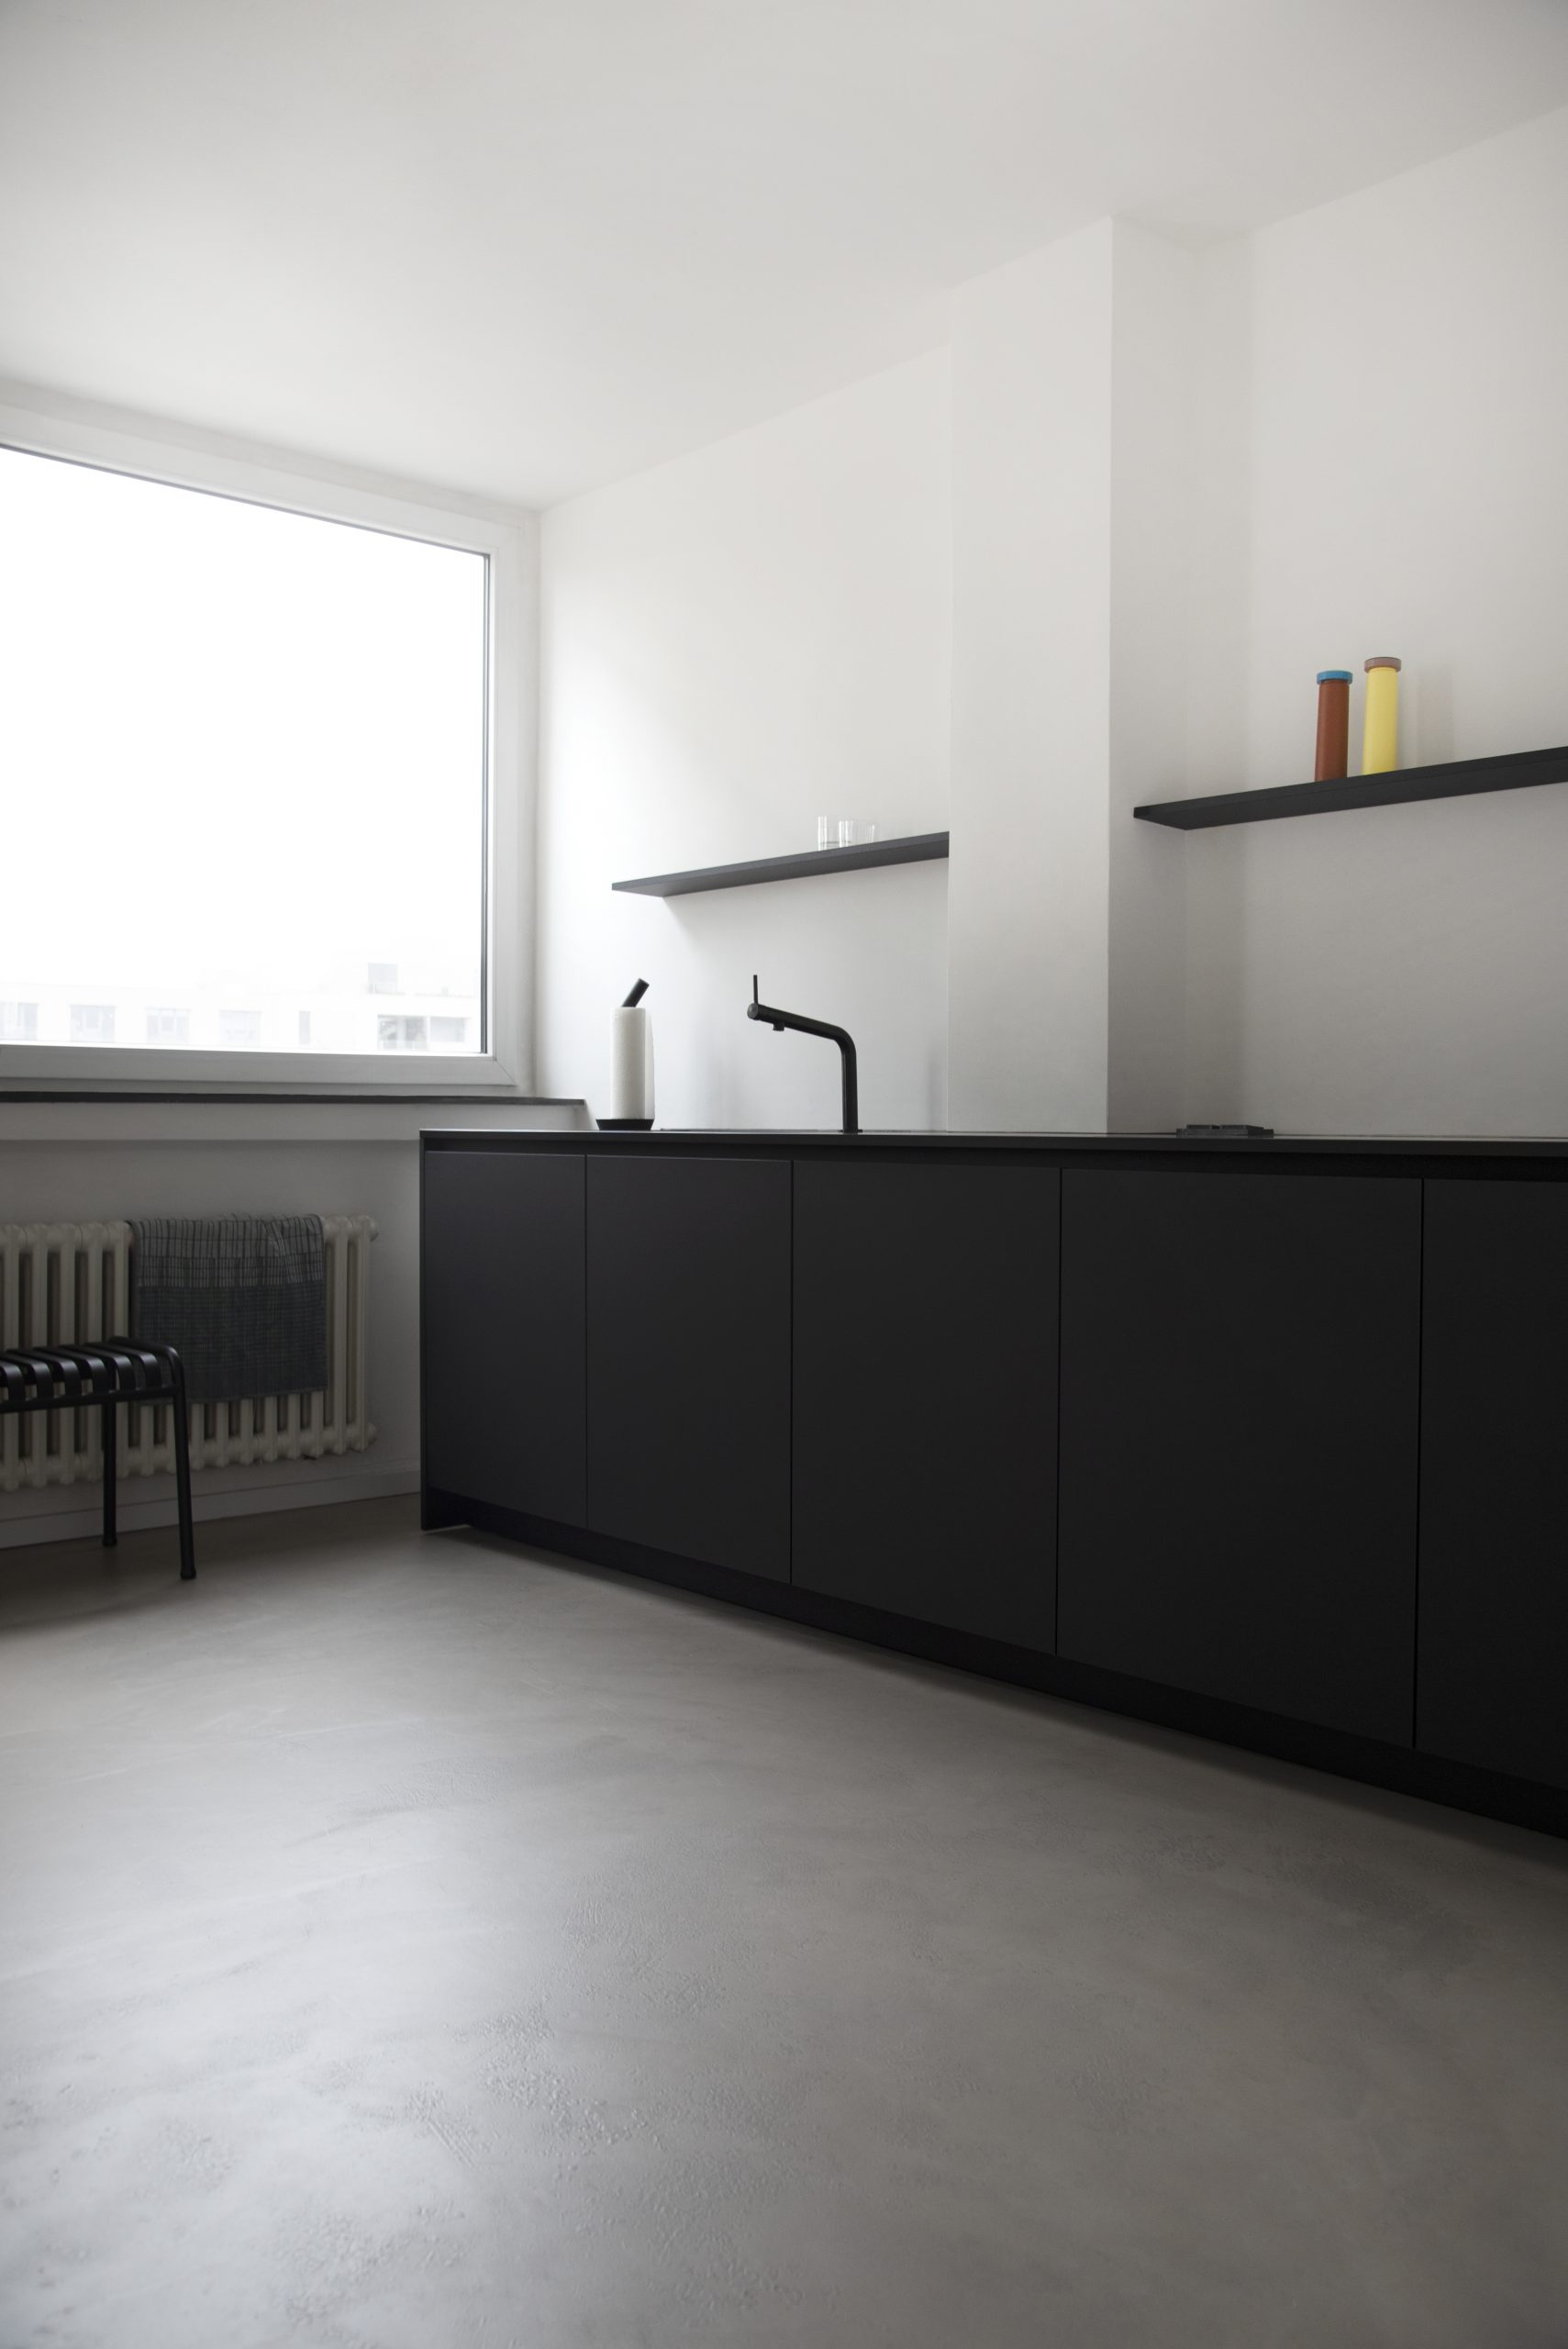 Full Size of Büro Küche Pantry Büro Küche Organisieren Büro Küche 150 Büroküche 170 Cm Küche Büroküche